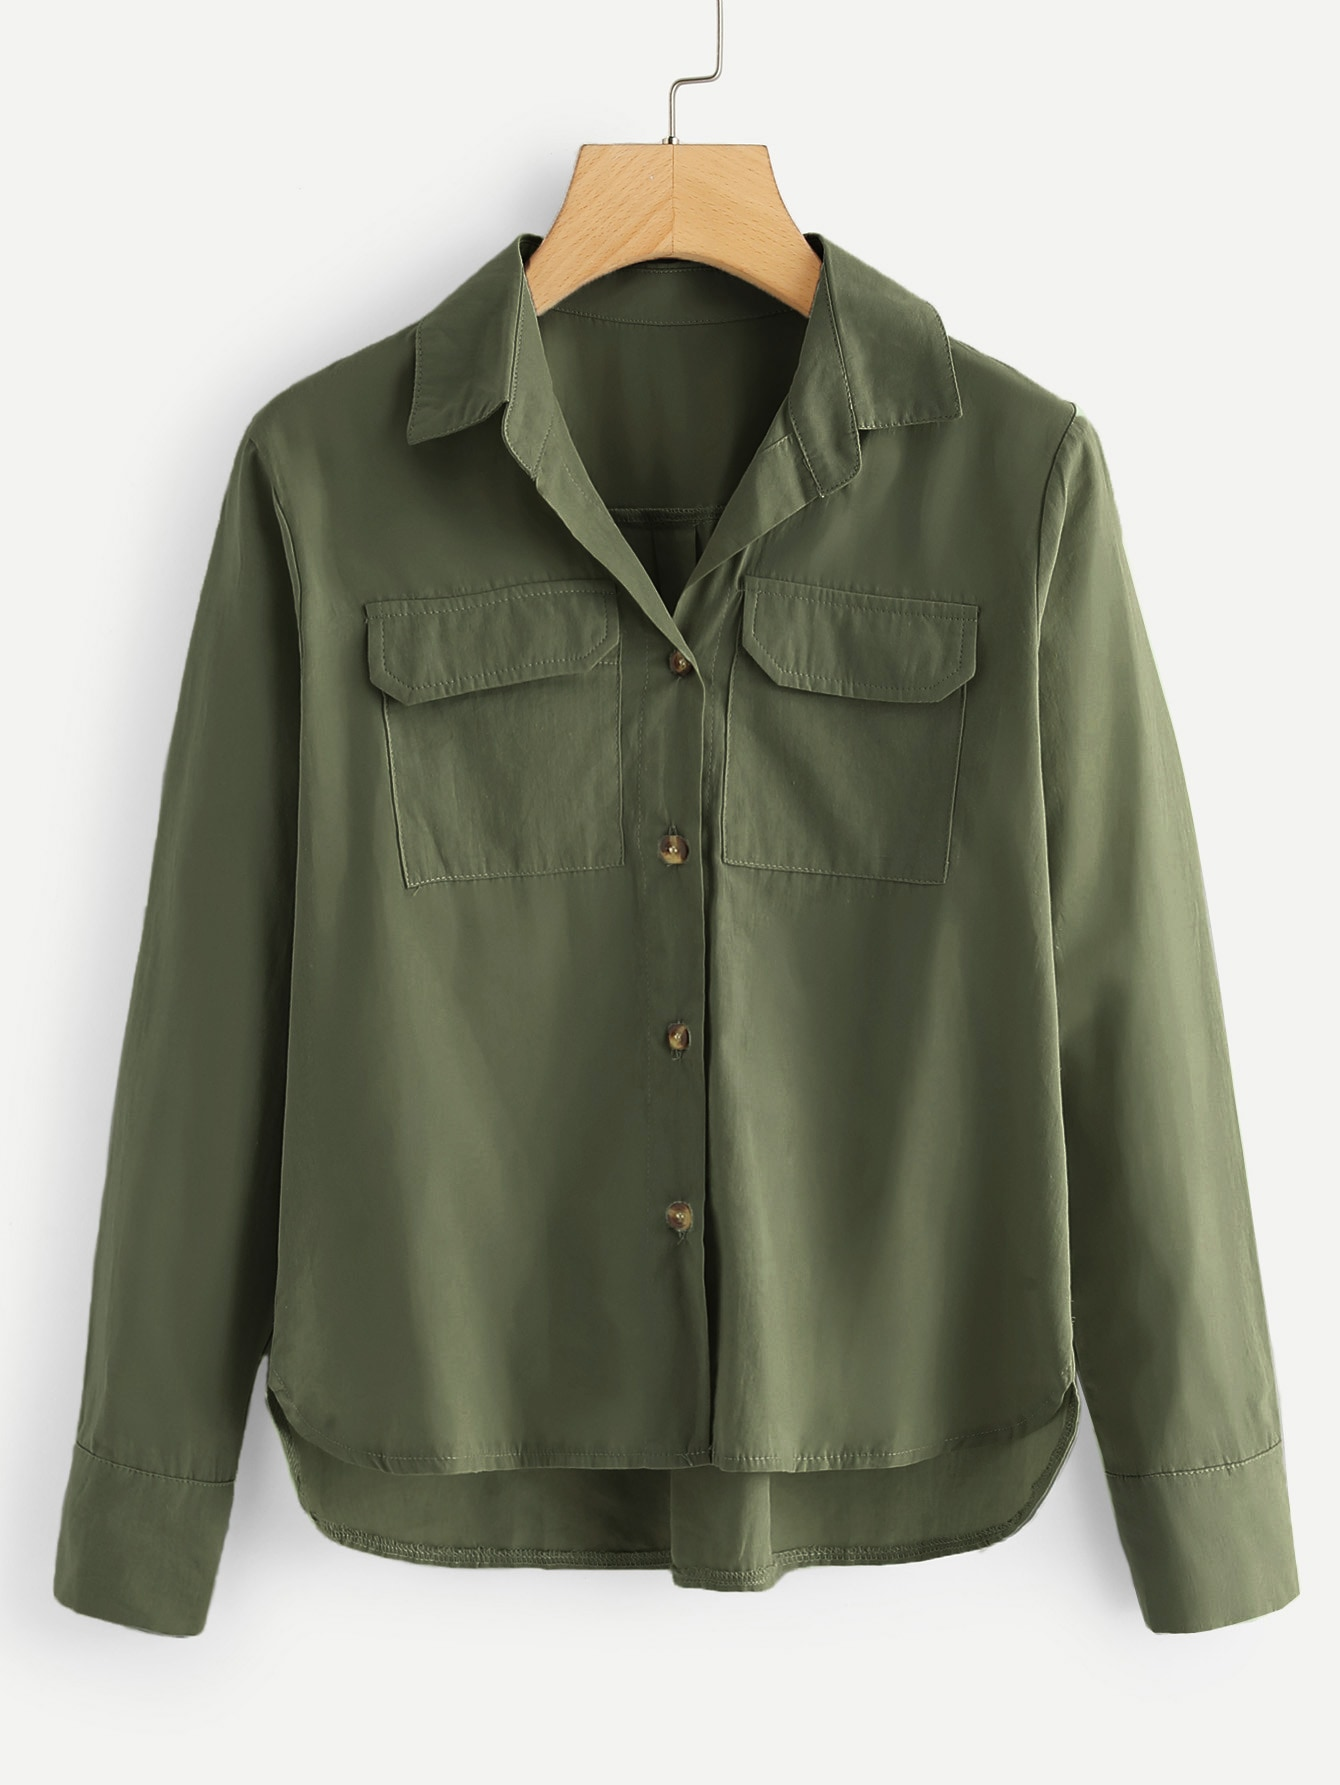 Купить Цветахаки Пуговица Одноцветный Повседневный Блузы+рубашки, null, SheIn